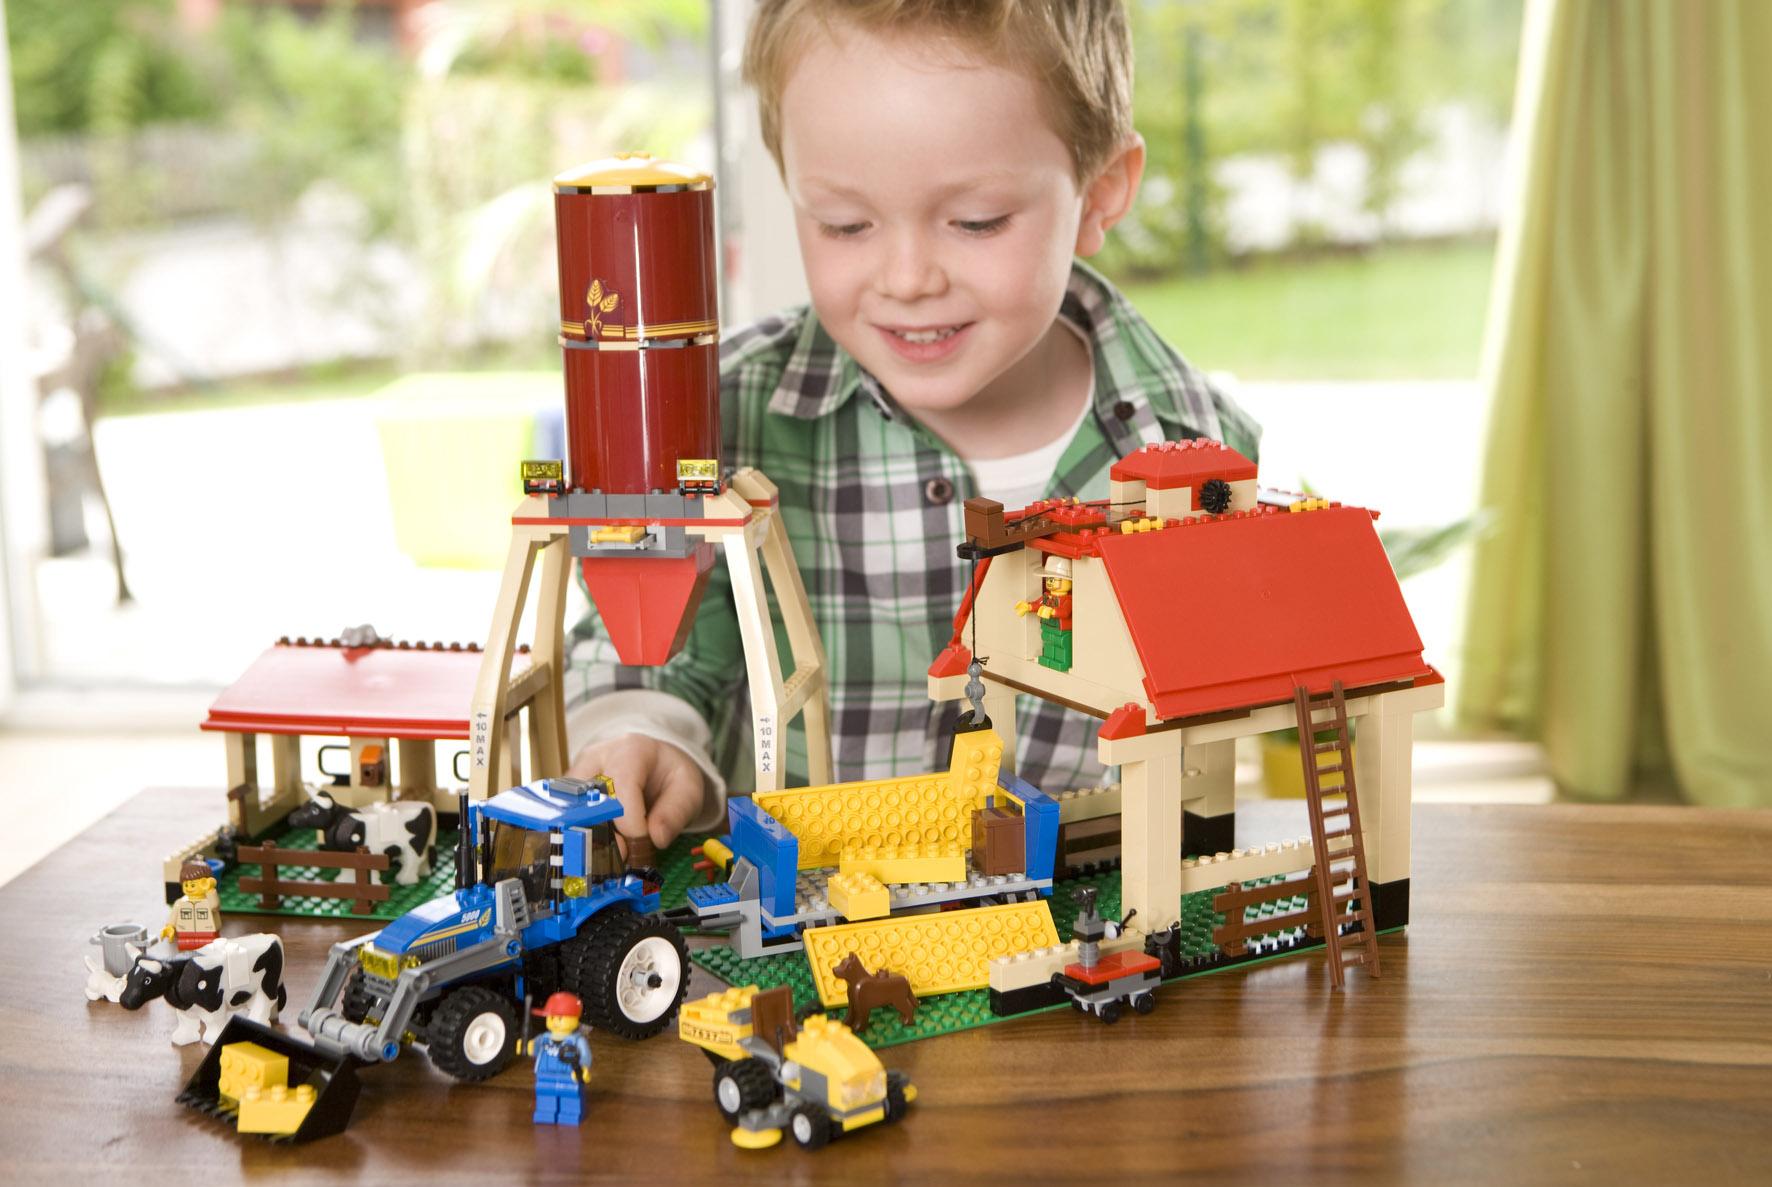 Конструктор - одна из лучших развивающих игрушек, творите вместе.